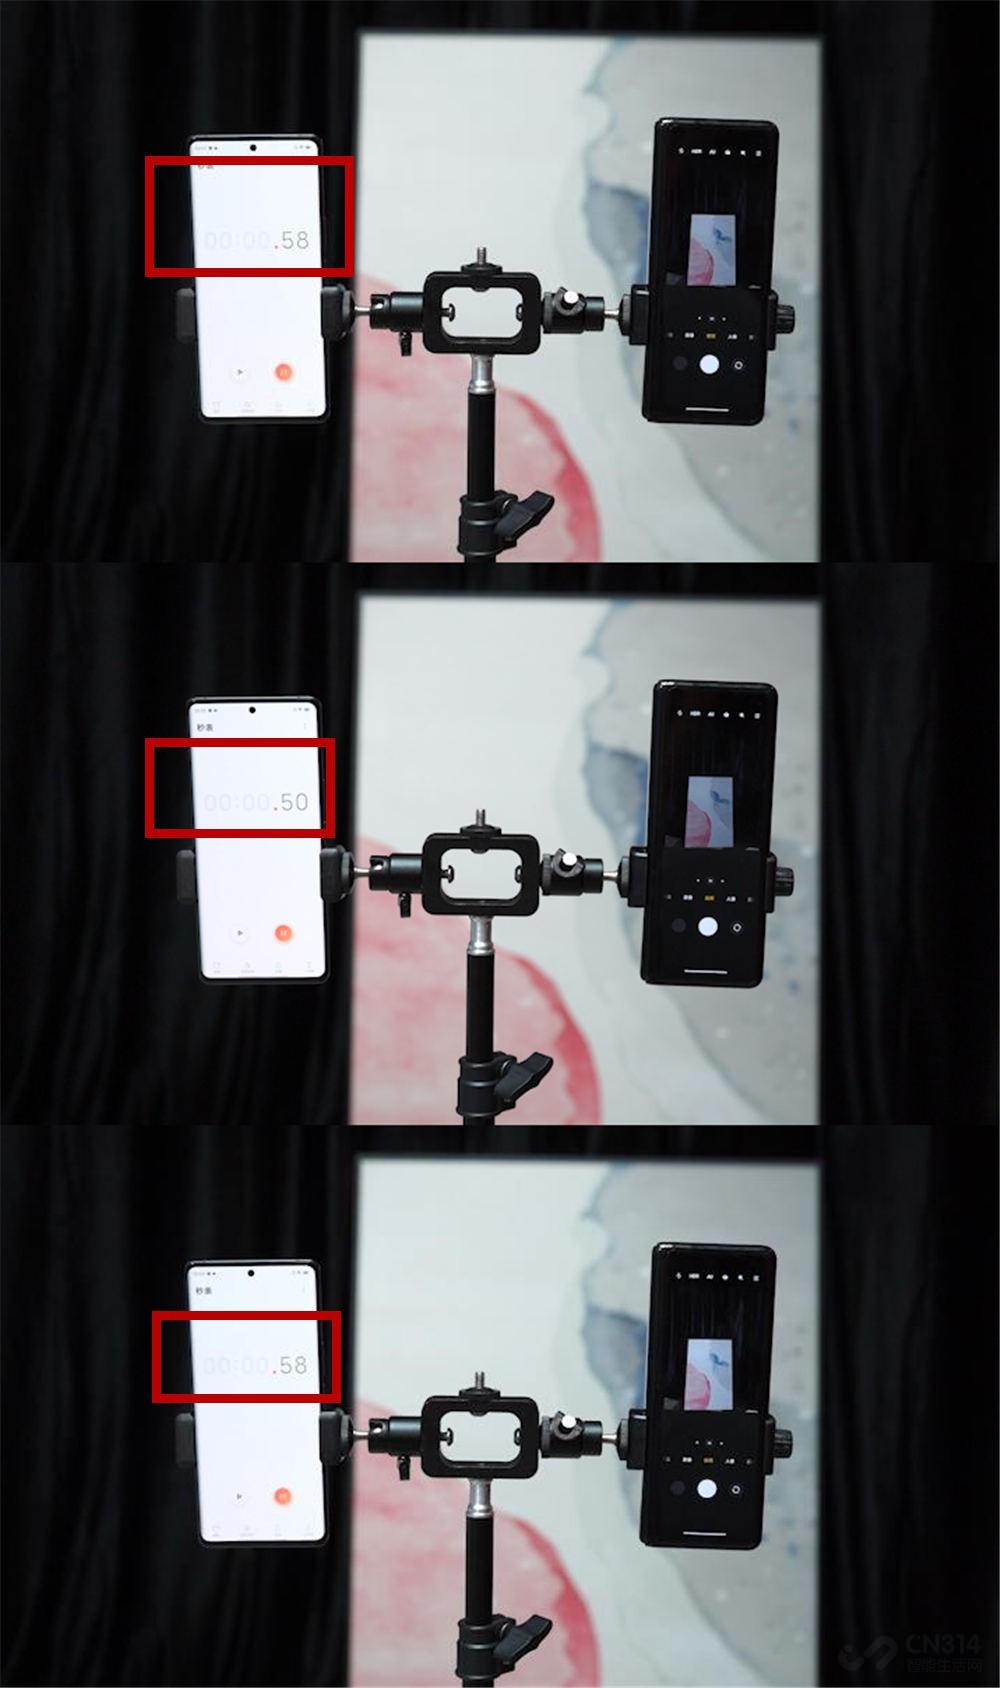 都是同型号一亿像素镜头 使用有差别吗?插图(2)